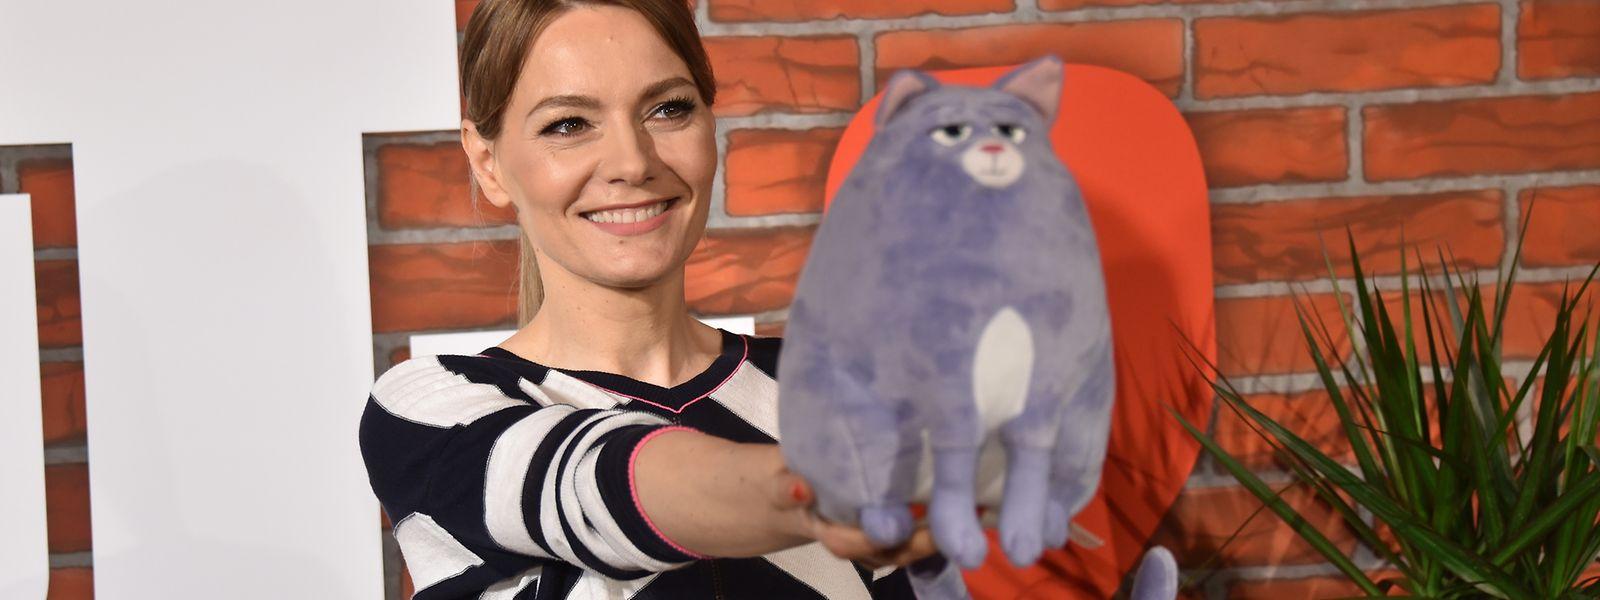 """Martina Hill mit Katze Chloe aus dem Film """"Pets 2""""."""